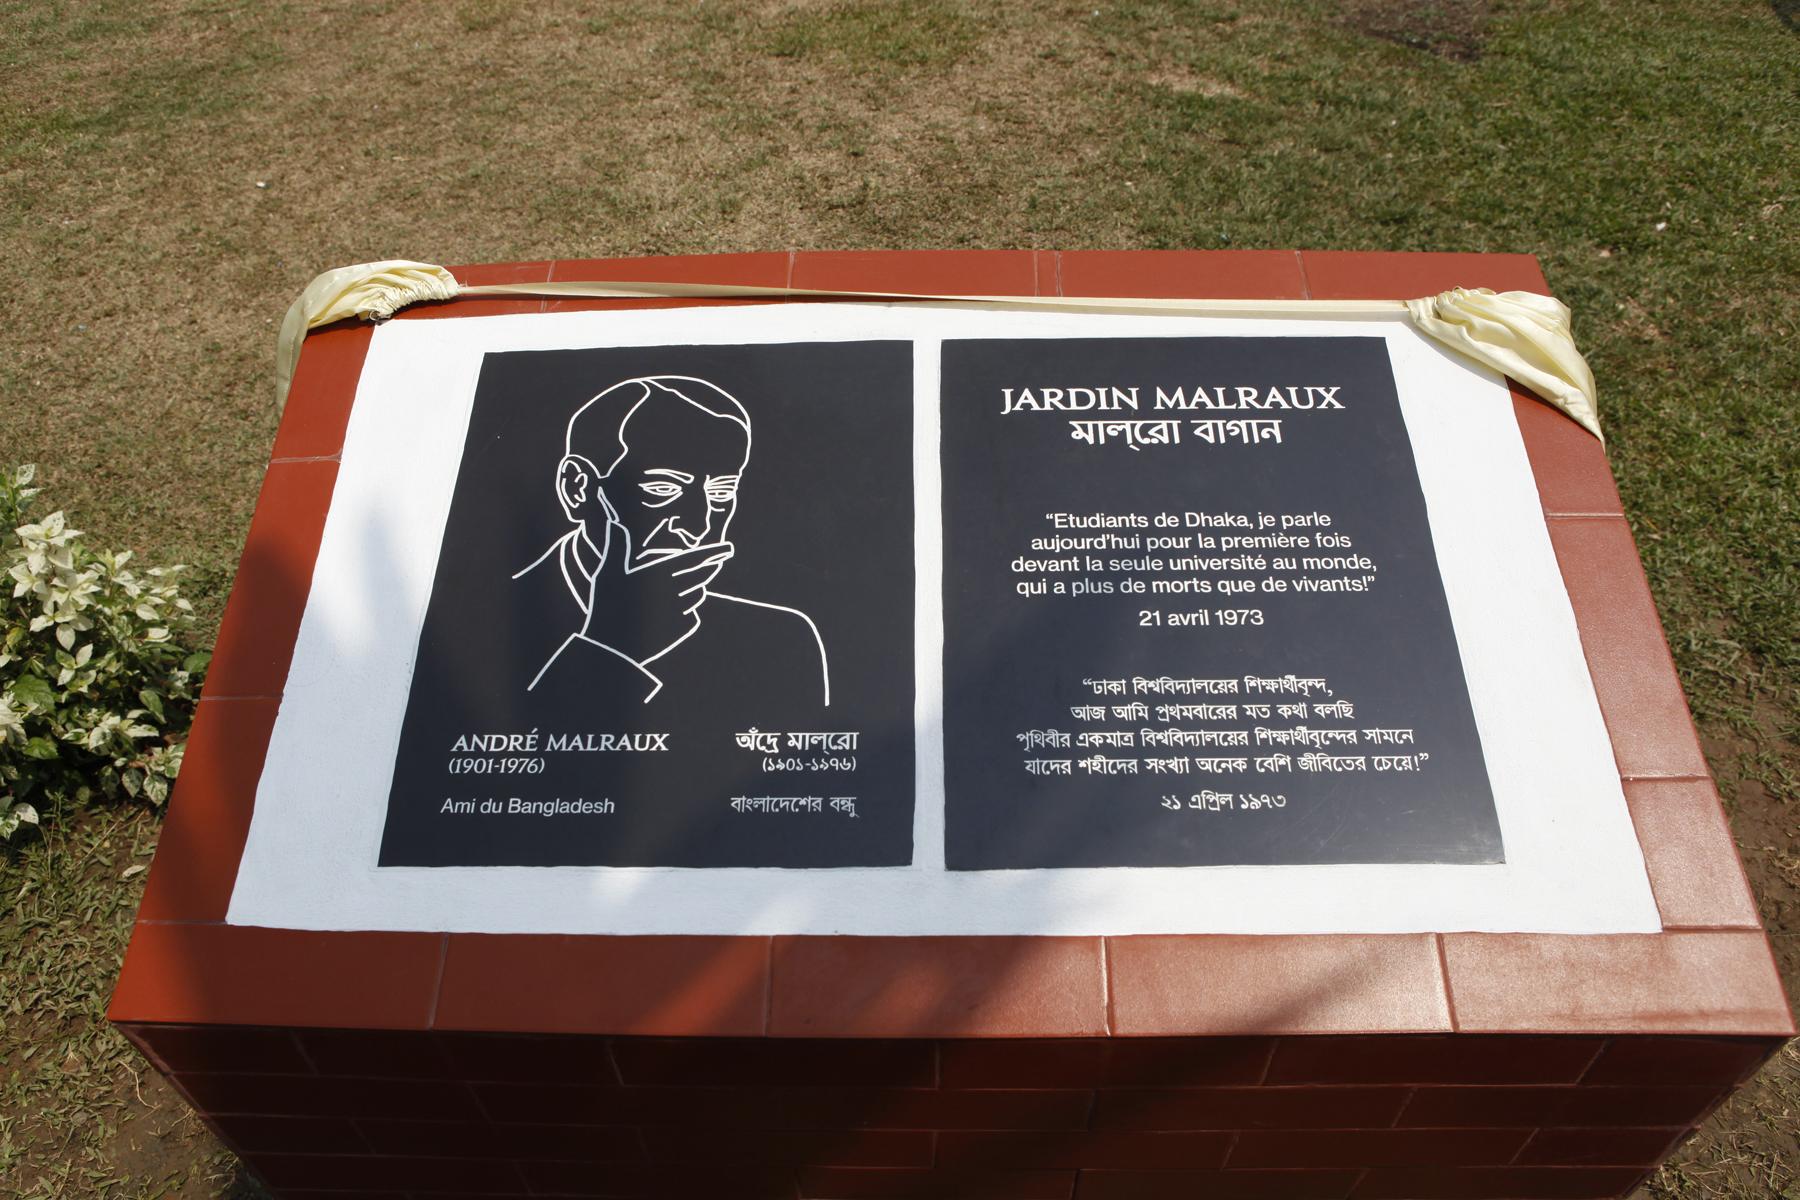 Le monument-hommage à André Malraux